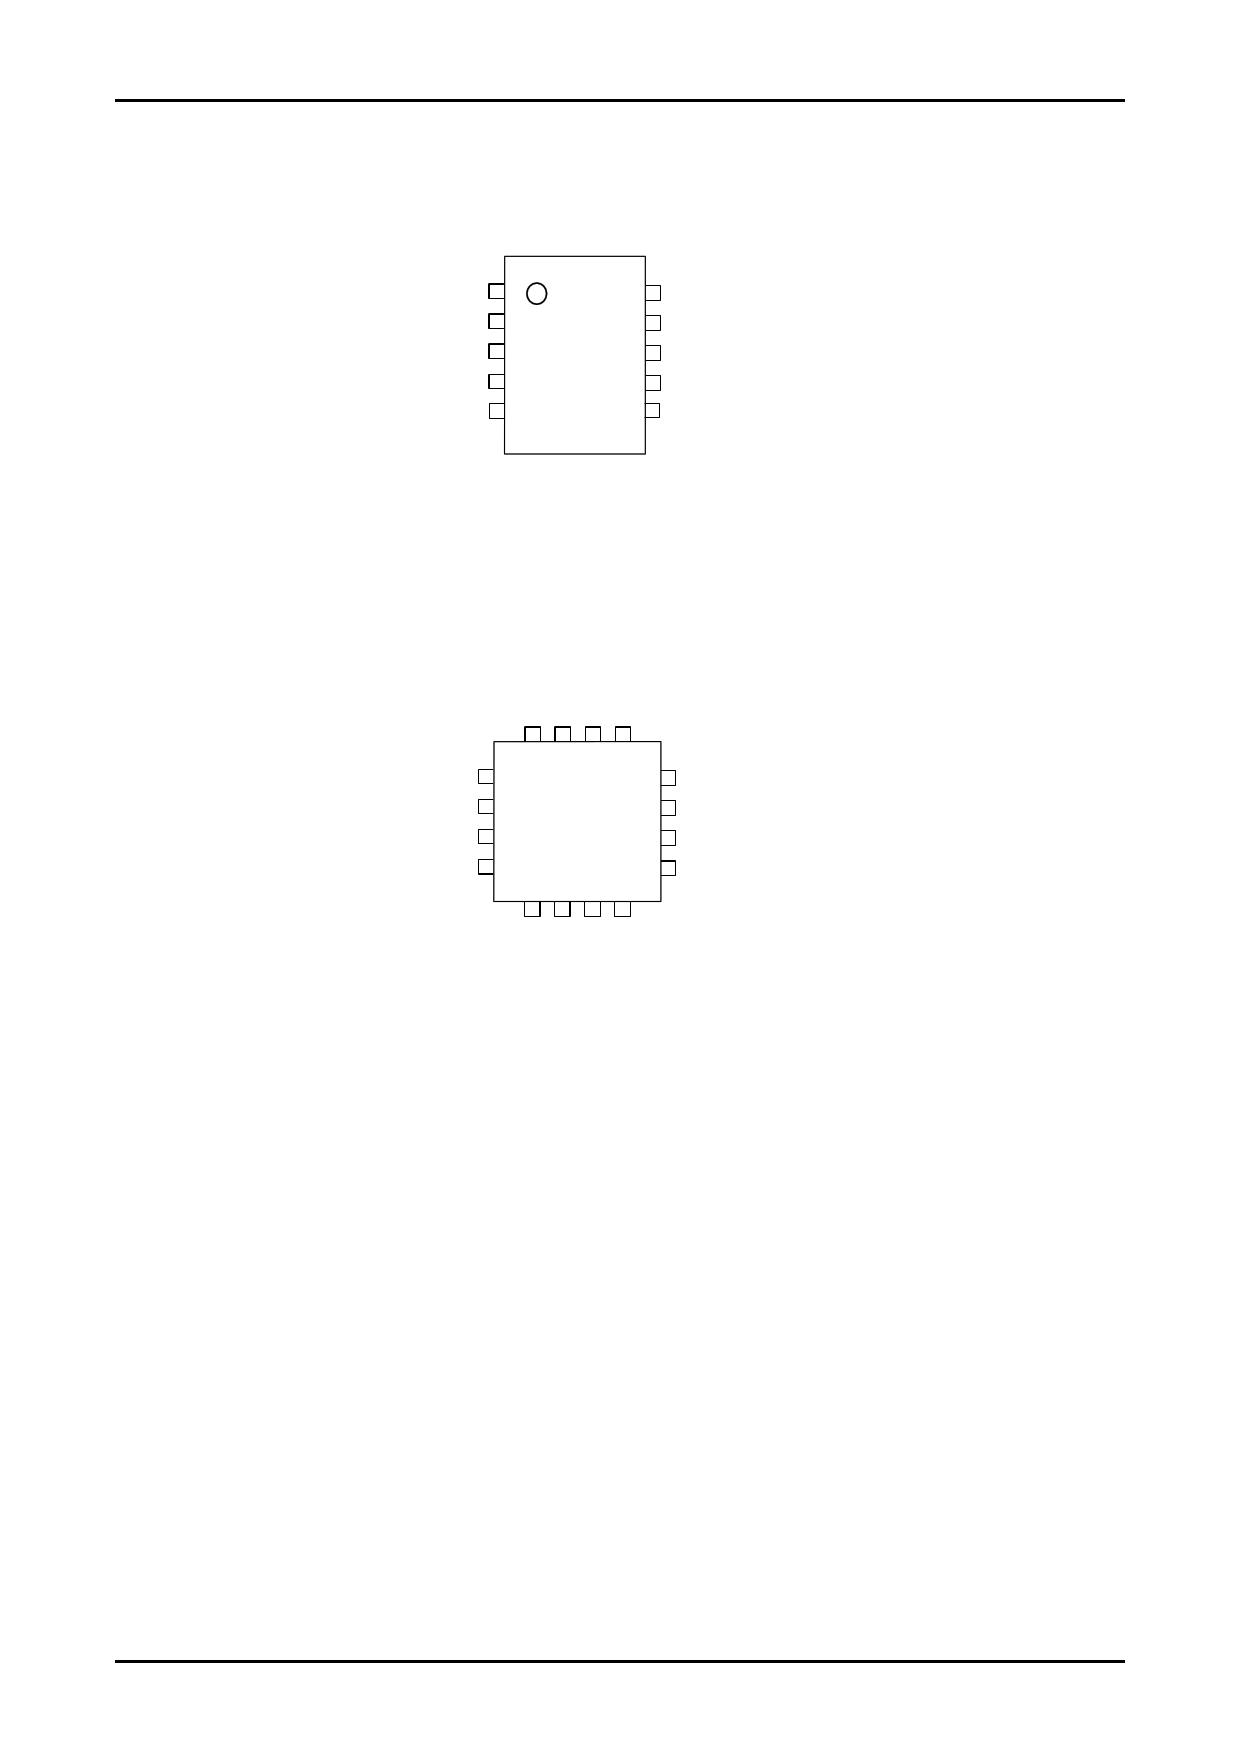 LC709201F pdf, ピン配列